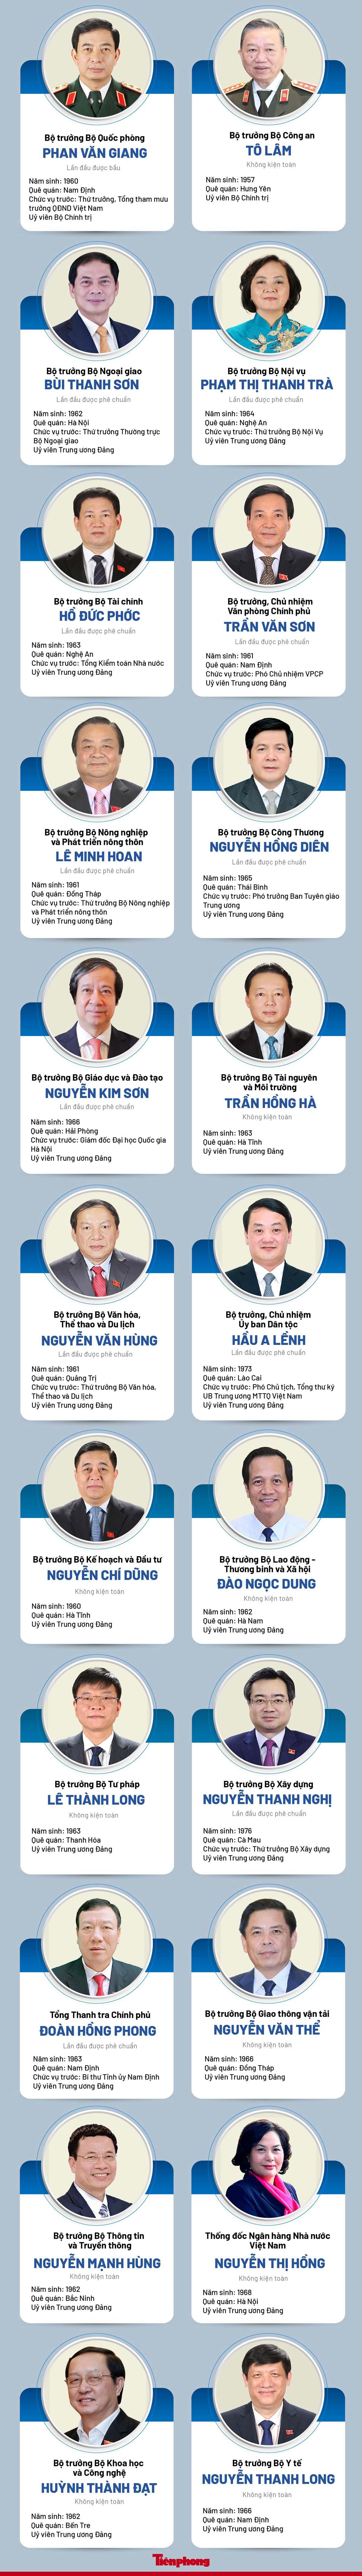 Chân dung 28 thành viên Chính phủ sau kiện toàn - 2